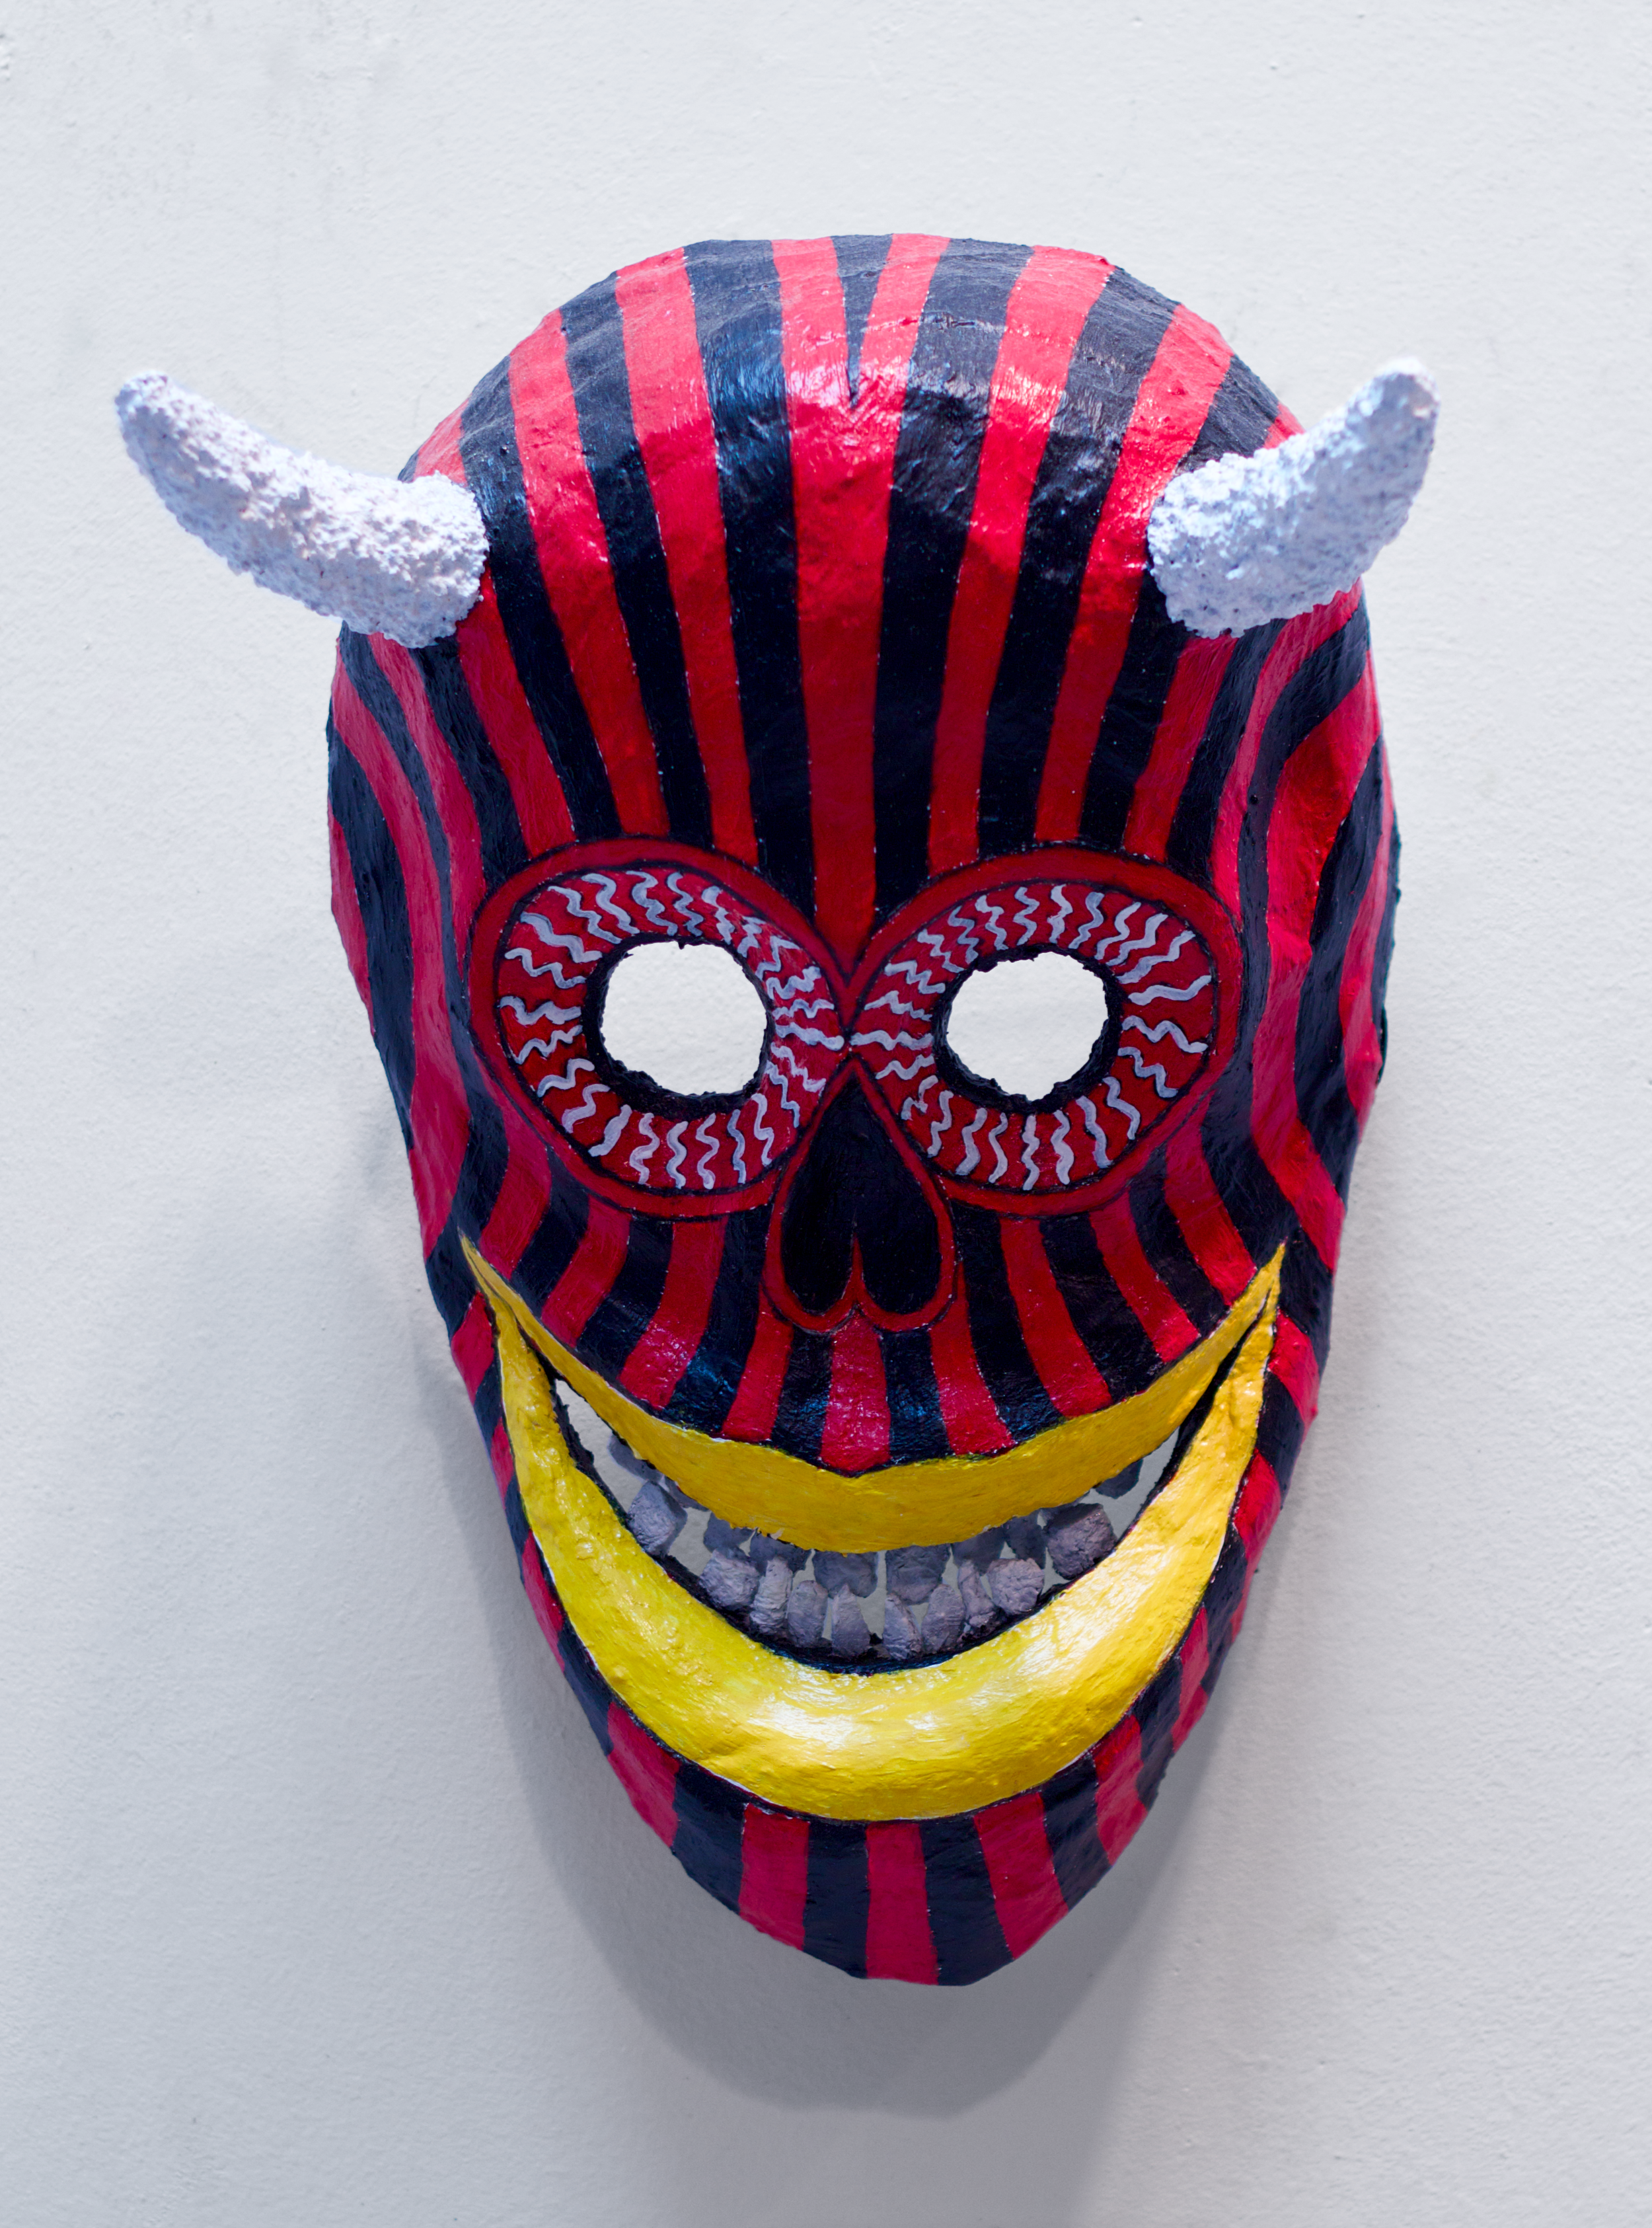 Red & Black Devil Death Mask